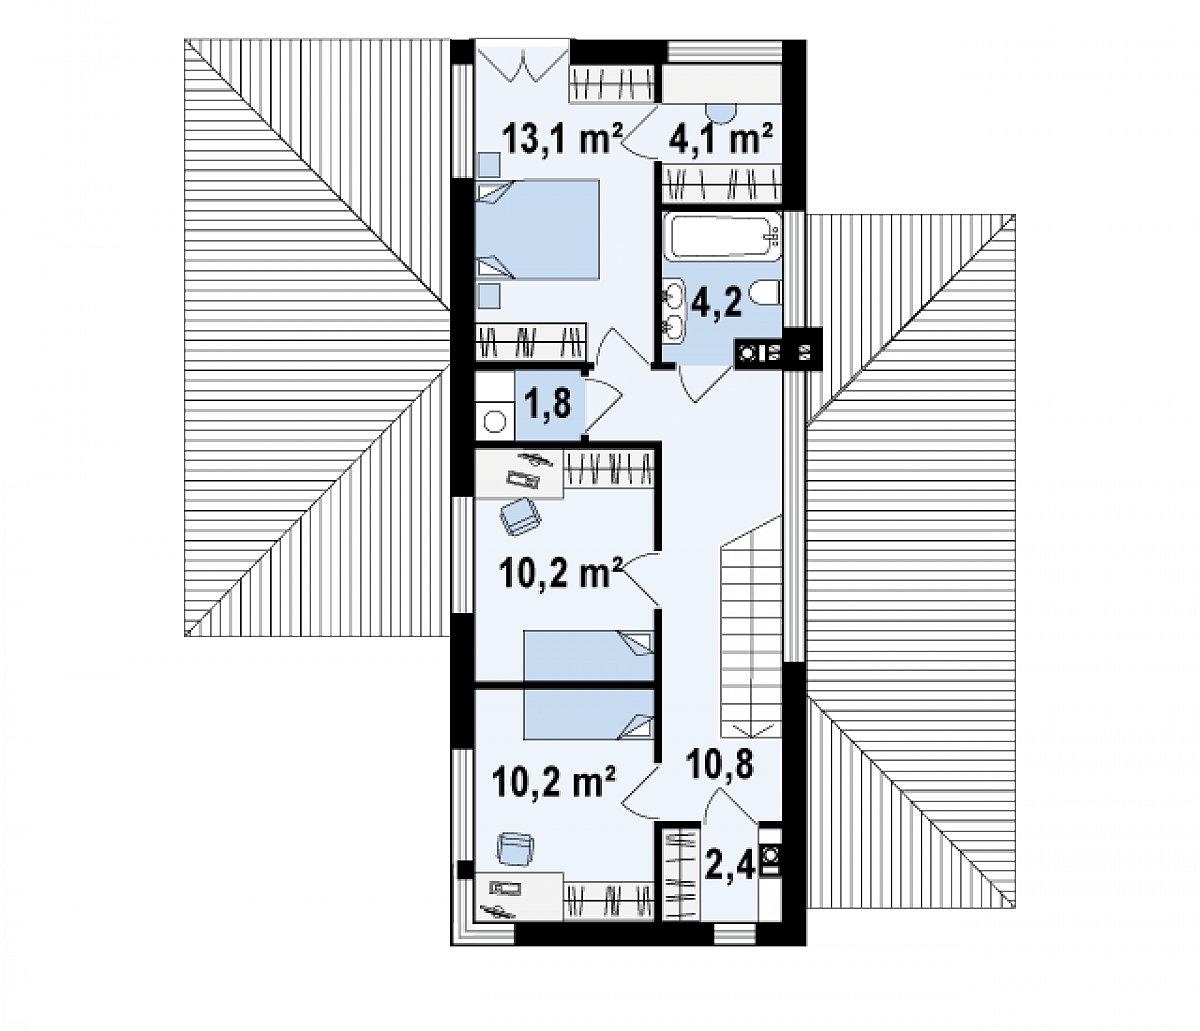 Второй этаж 56,4м² дома Zx25